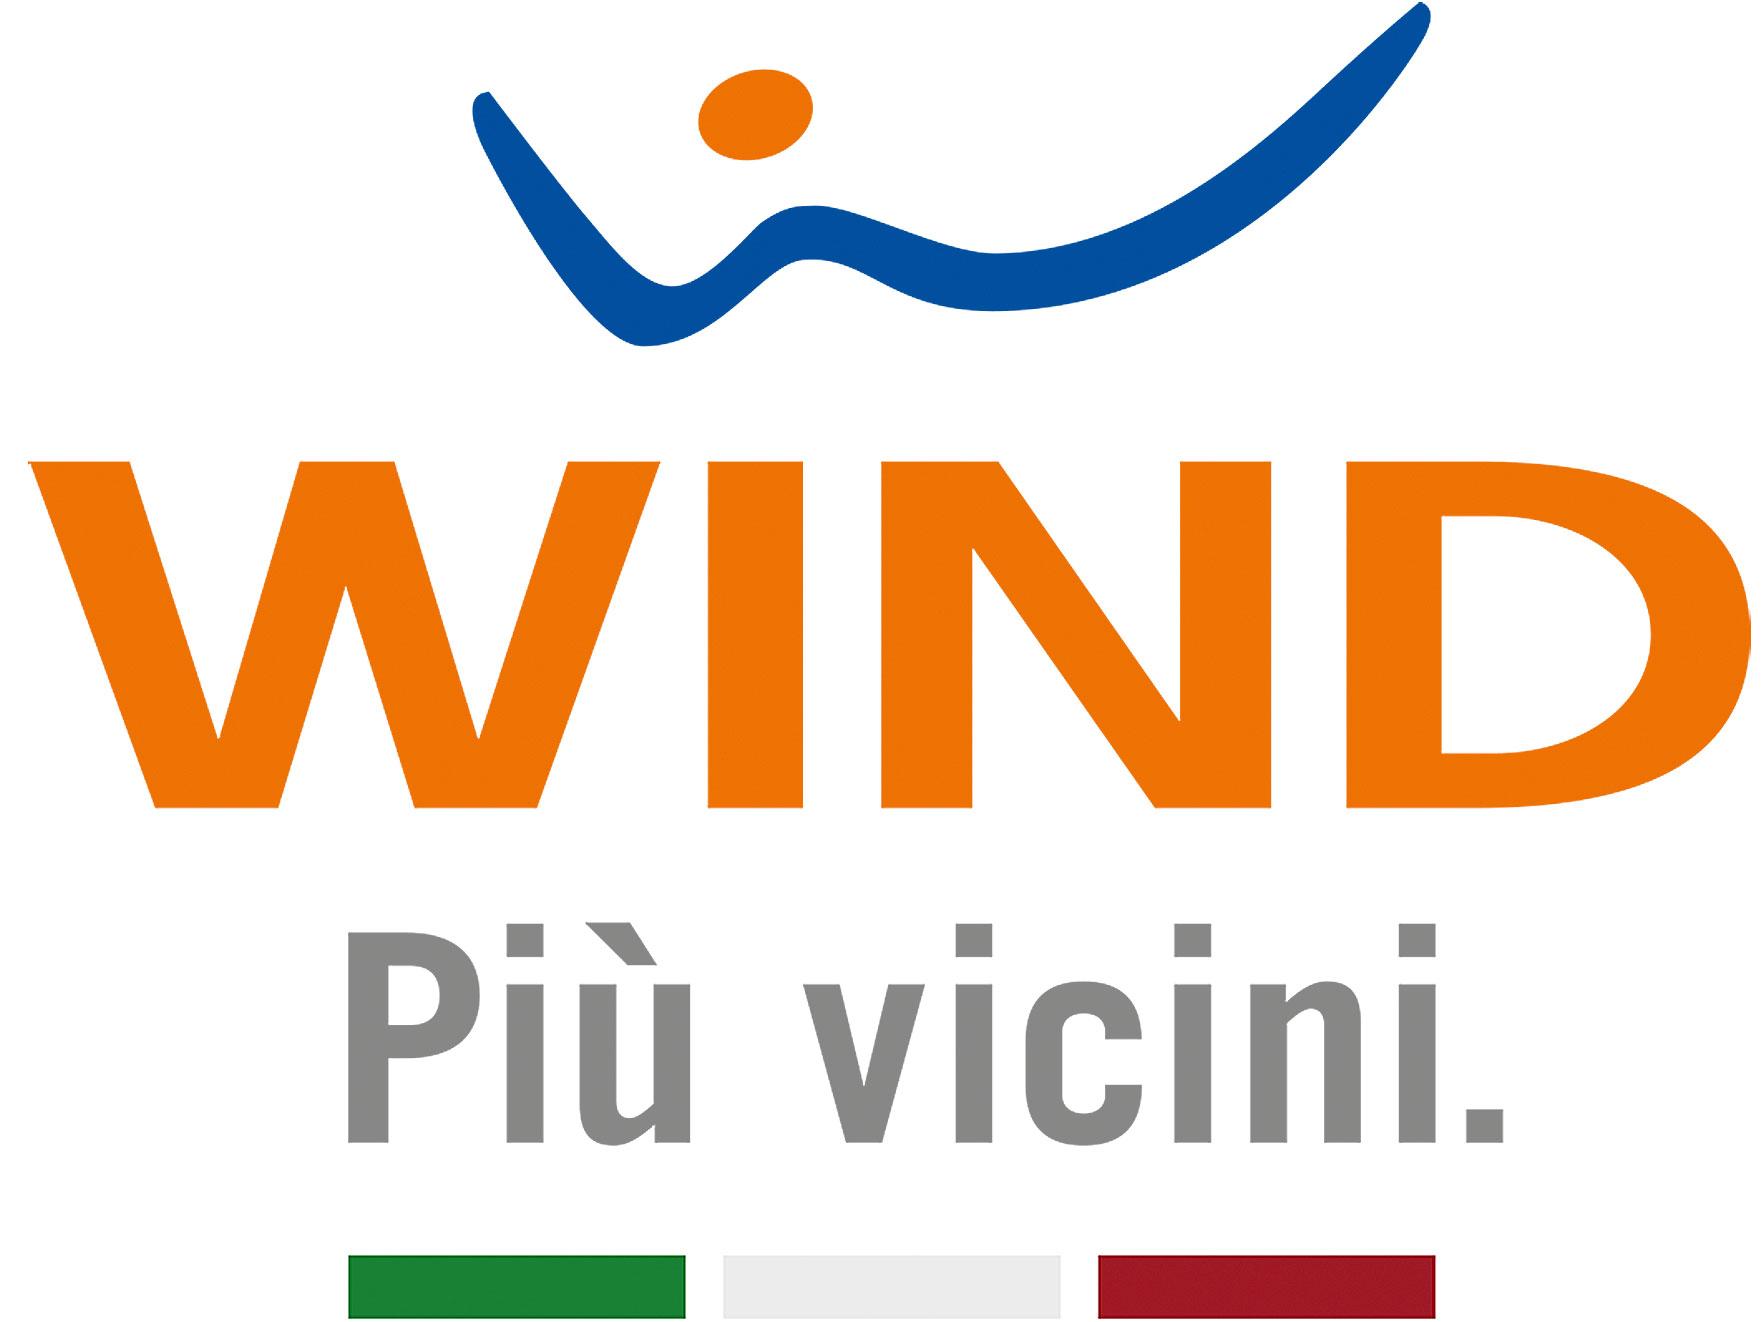 Wind - Telefonia. Contratti da 30 a 28 giorni, sanzione da 500.000 euro da Antitrust a Wind per pratiche commerciali scorrette